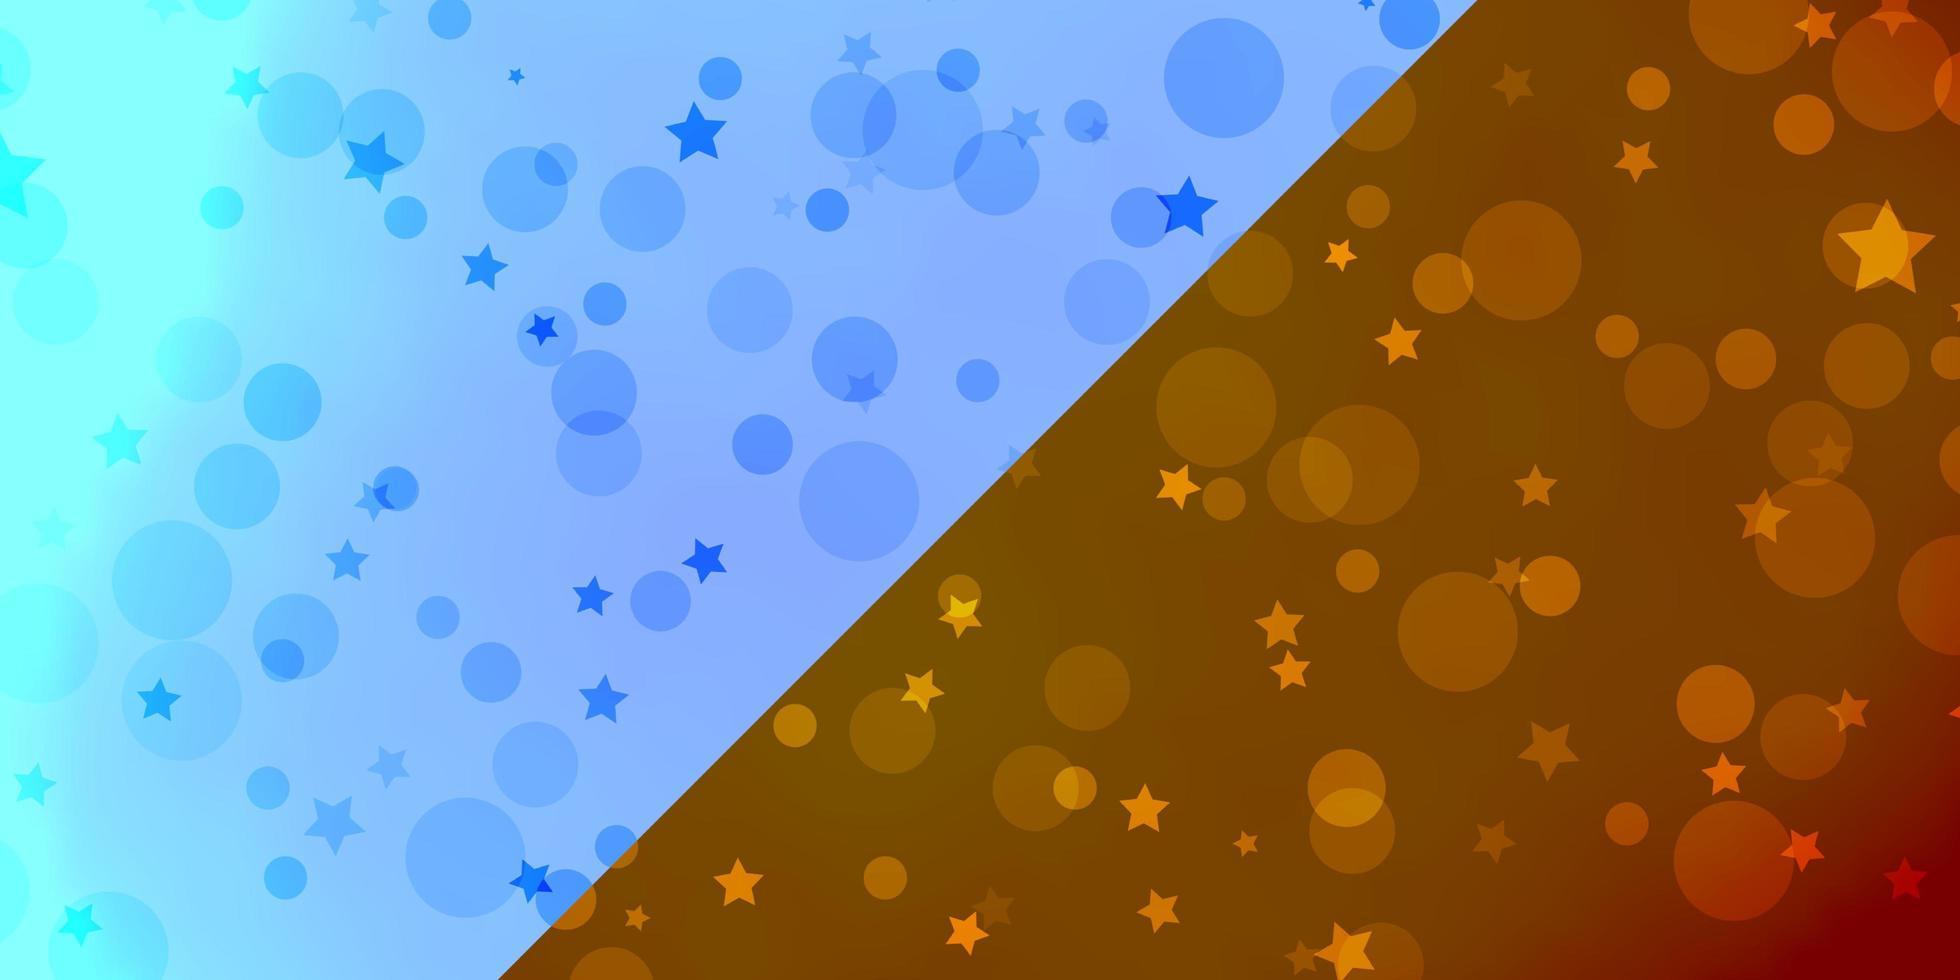 modèle vectoriel avec des cercles, des étoiles.